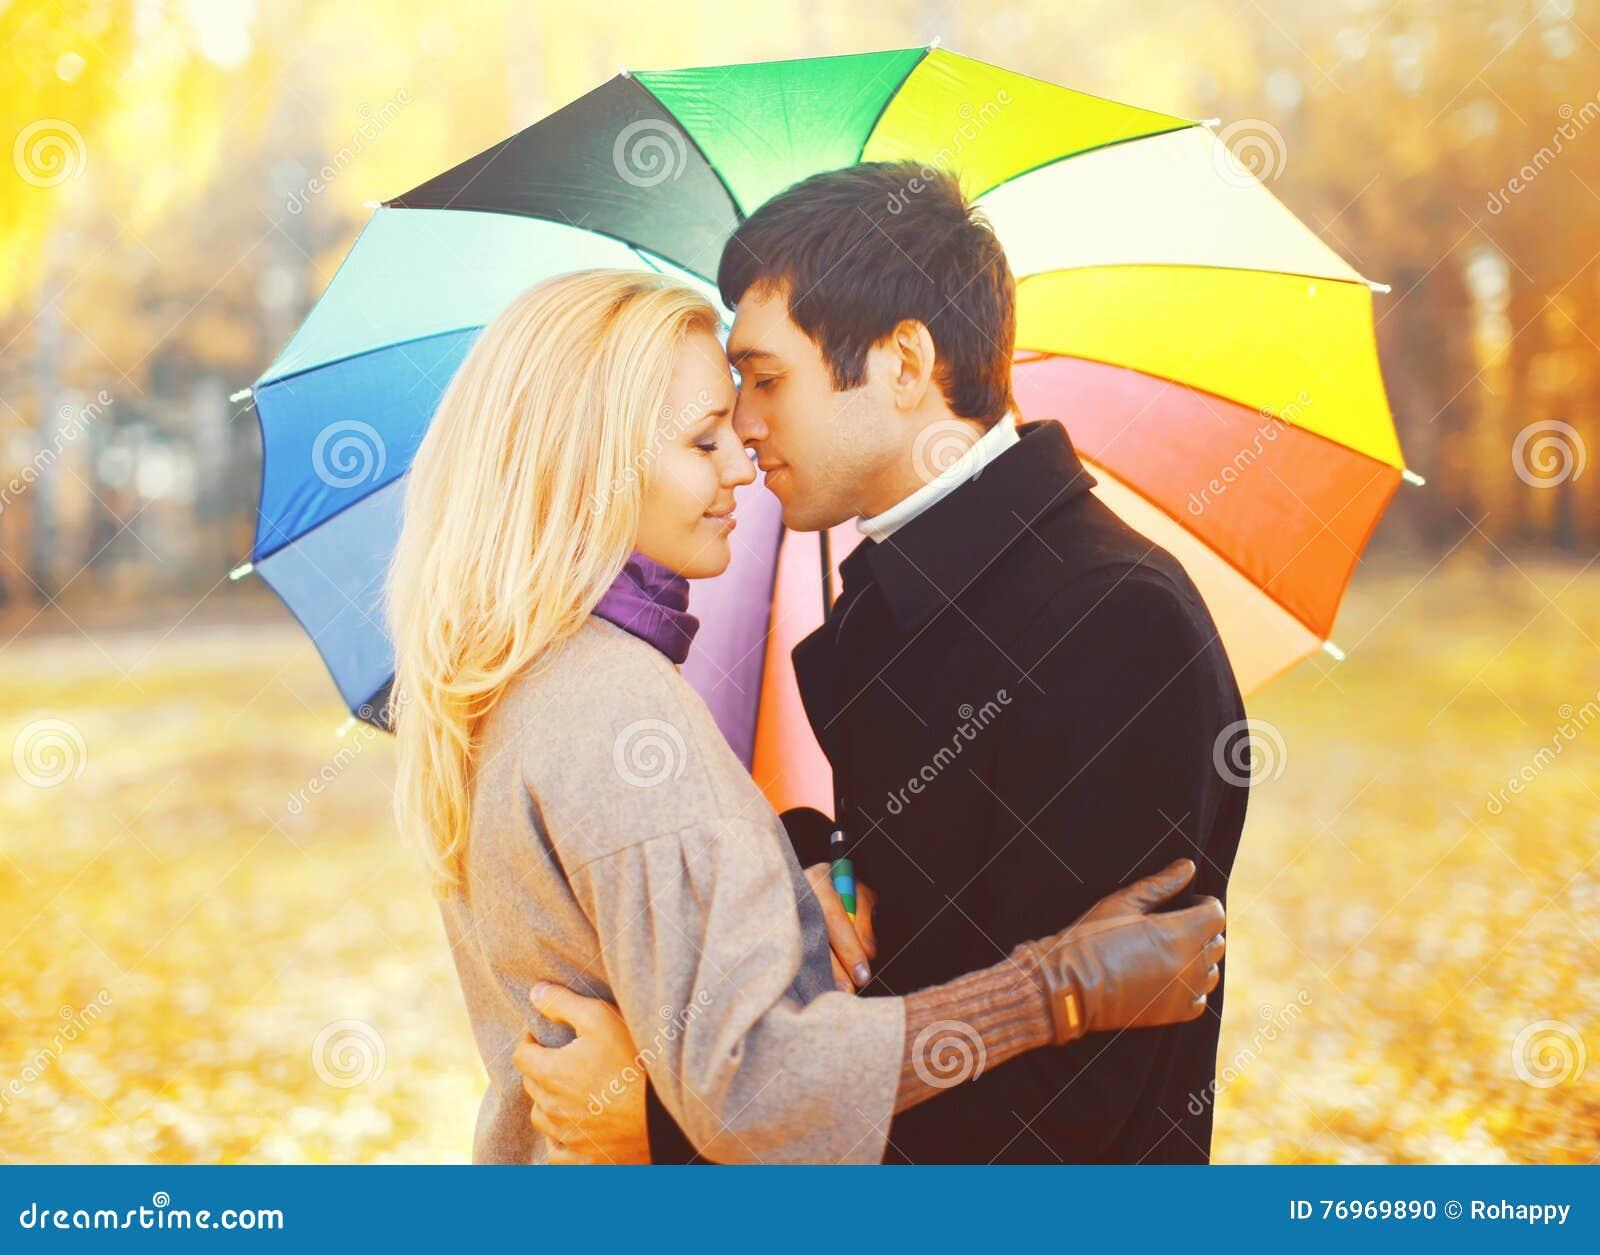 Het portret van romantisch kussend paar in liefde met kleurrijke paraplu samen bij warme zonnige dag over geel doorbladert